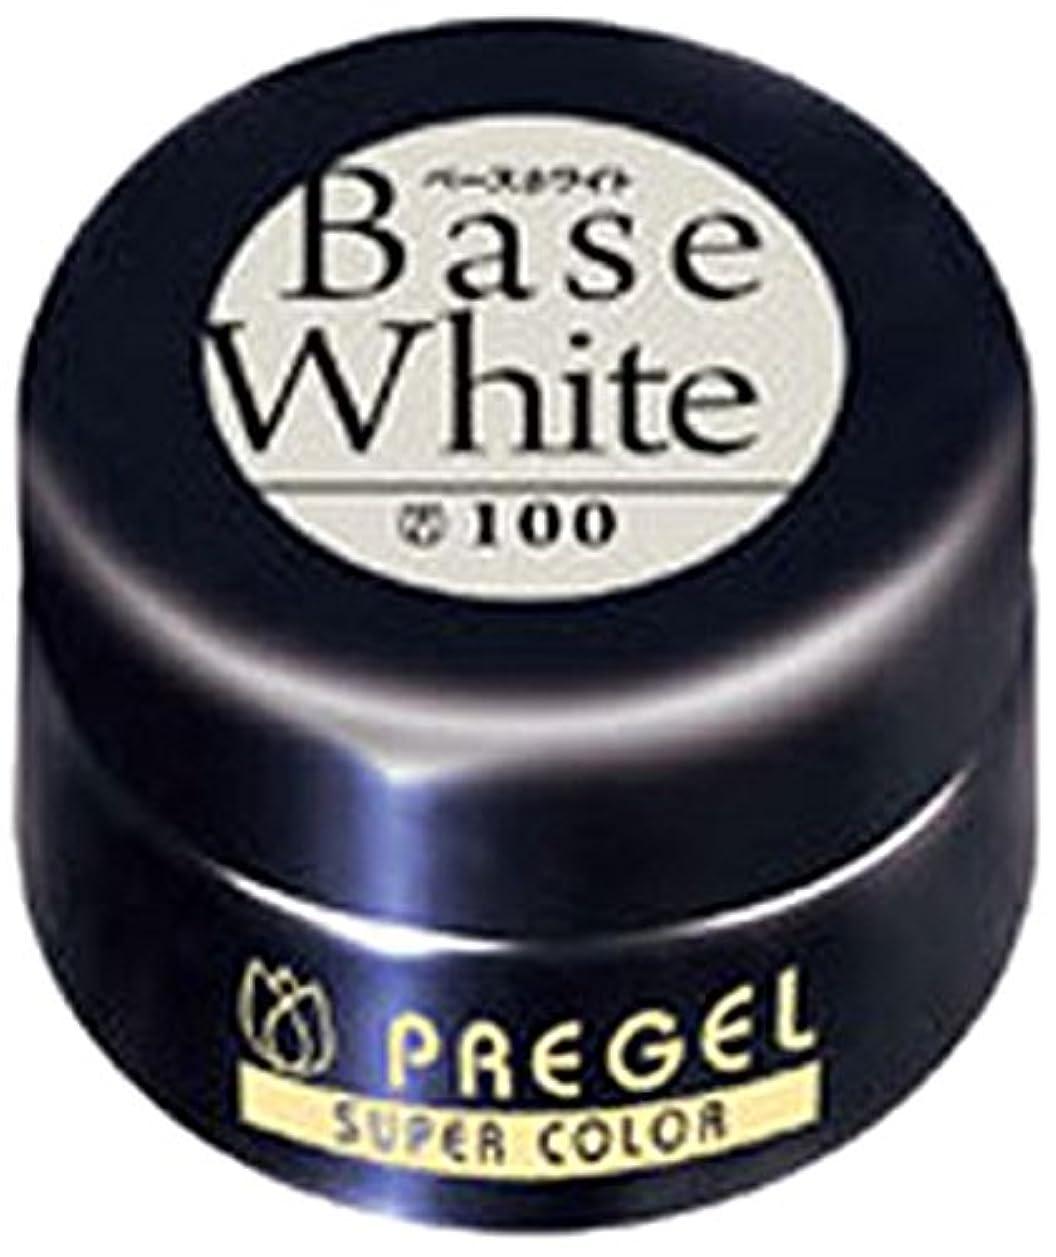 関税予想する洗うプリジェル スーパーカラーEX ベースホワイト 4g PG-SE100 カラージェル